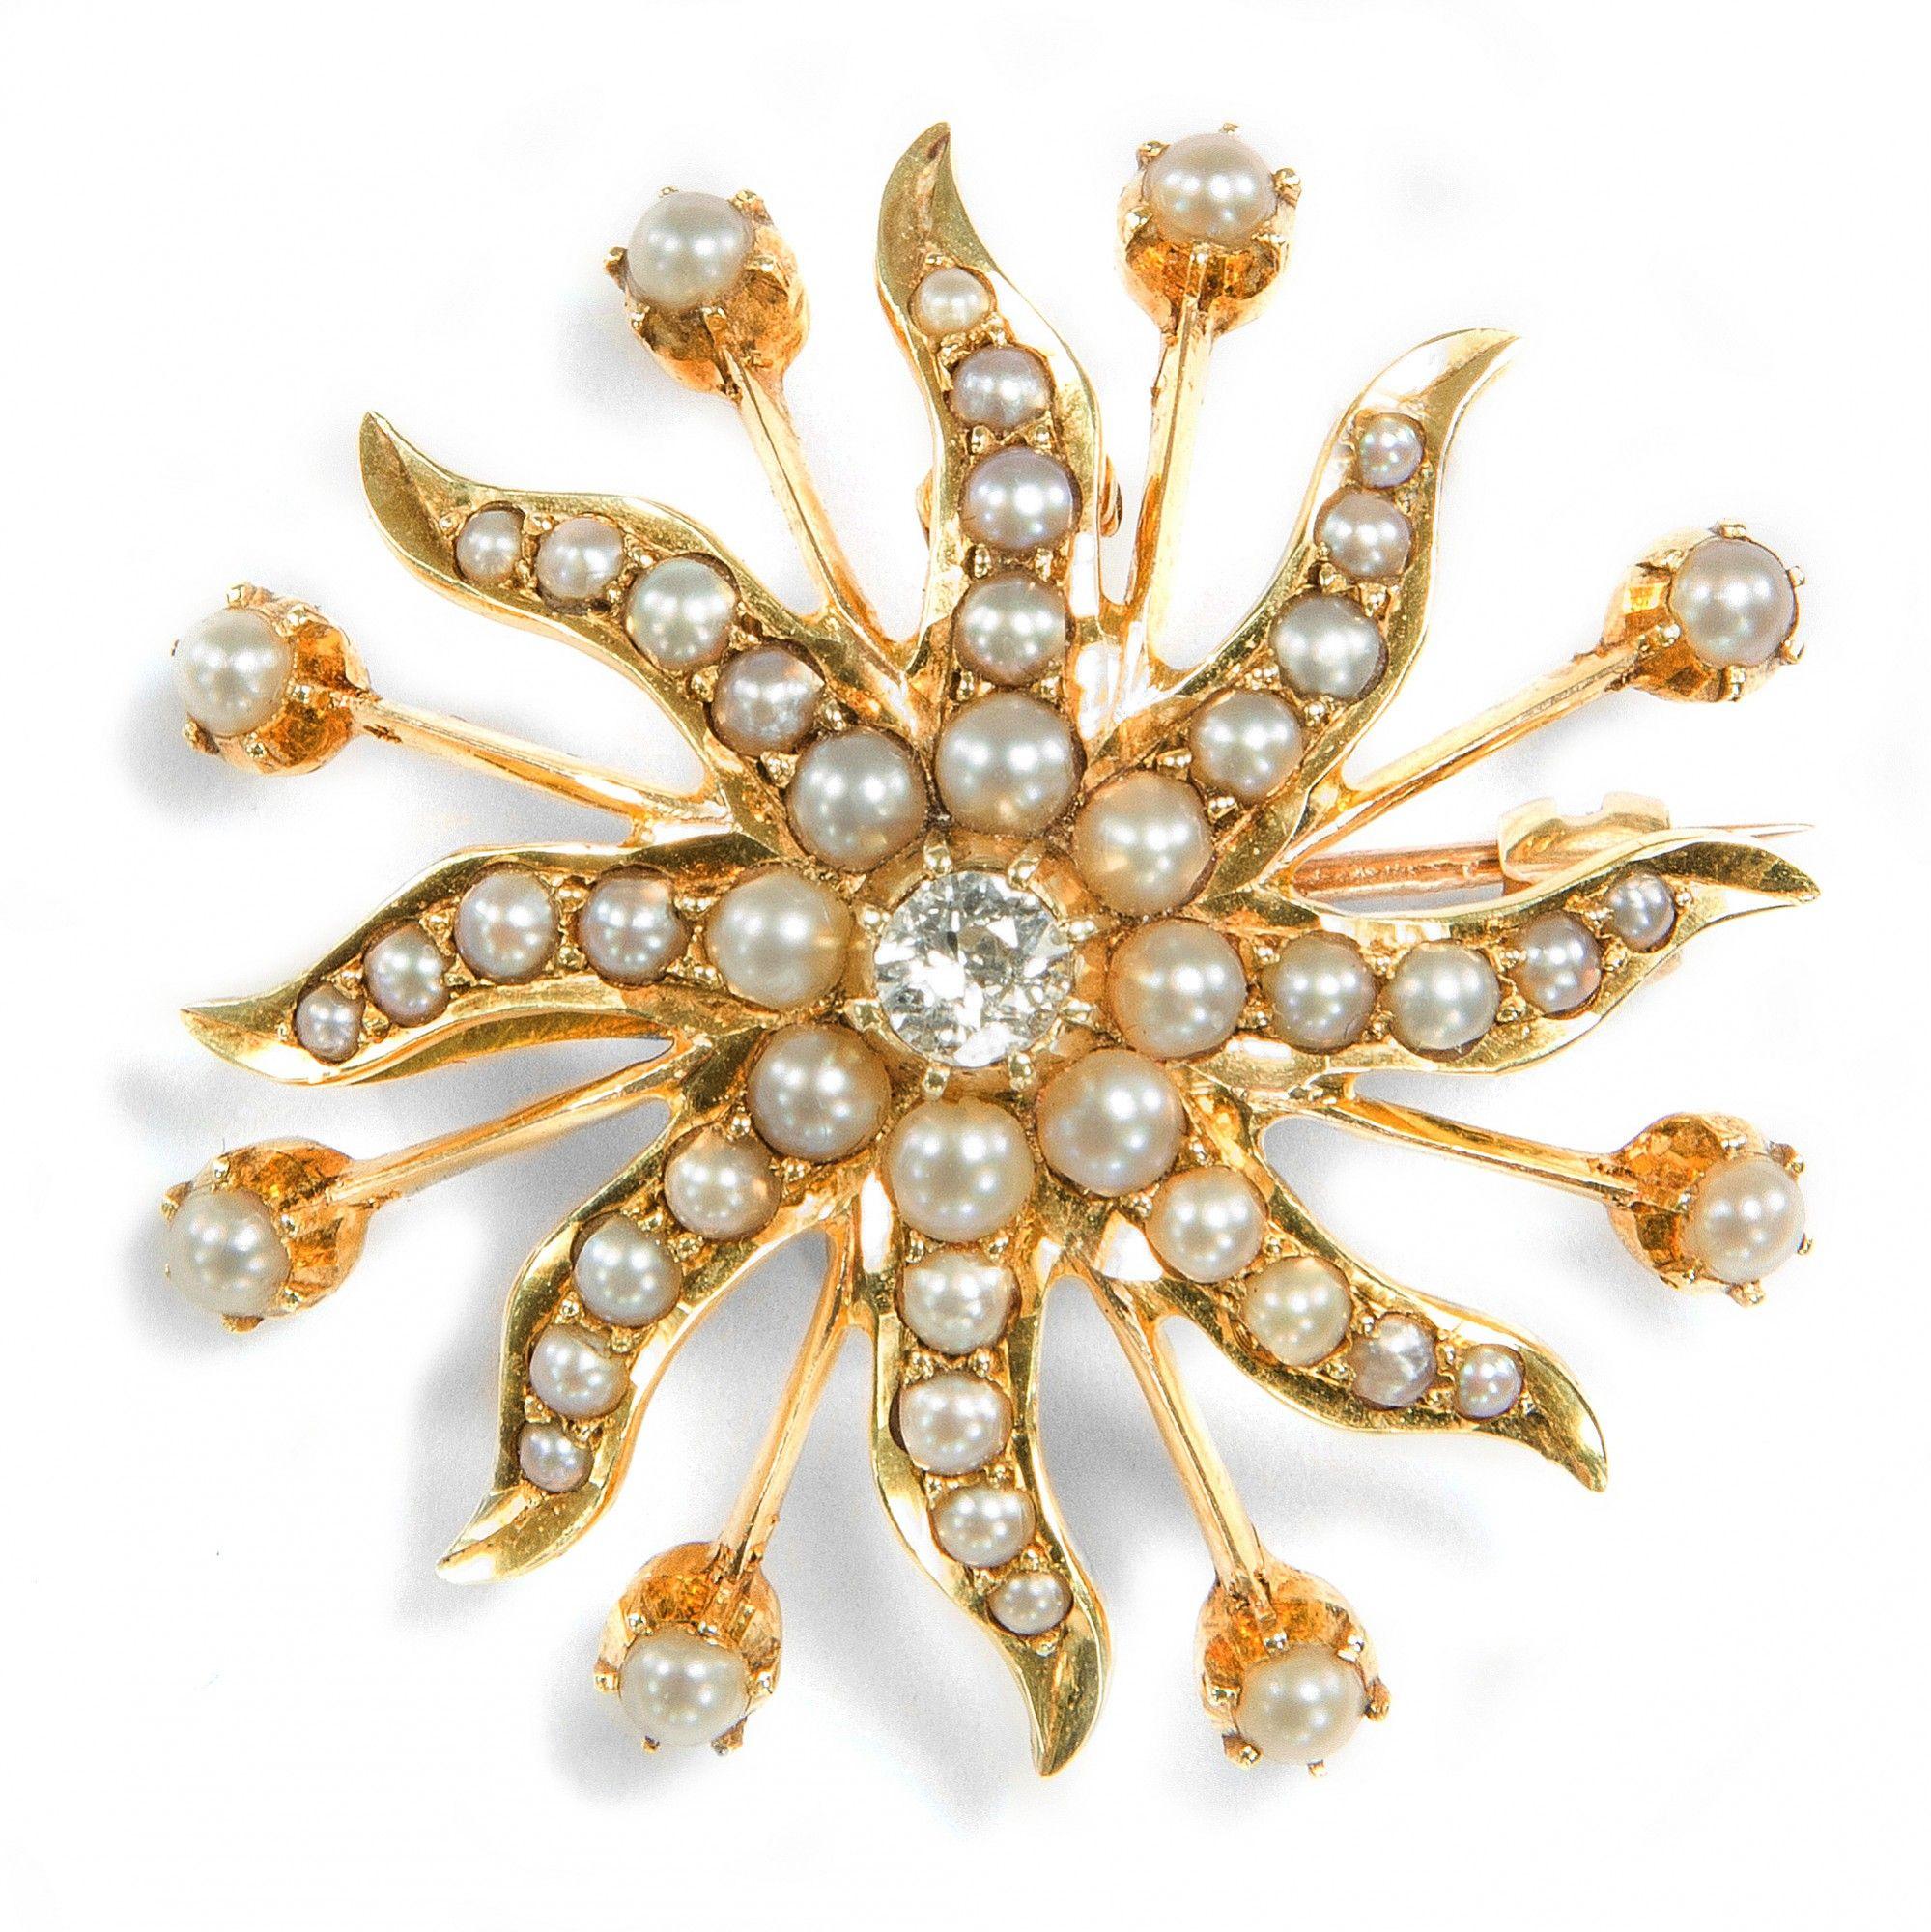 0dd24114853bbc9d827a1379678916ca Top Result 50 Unique Diamond Fire Glass Image 2017 Pkt6